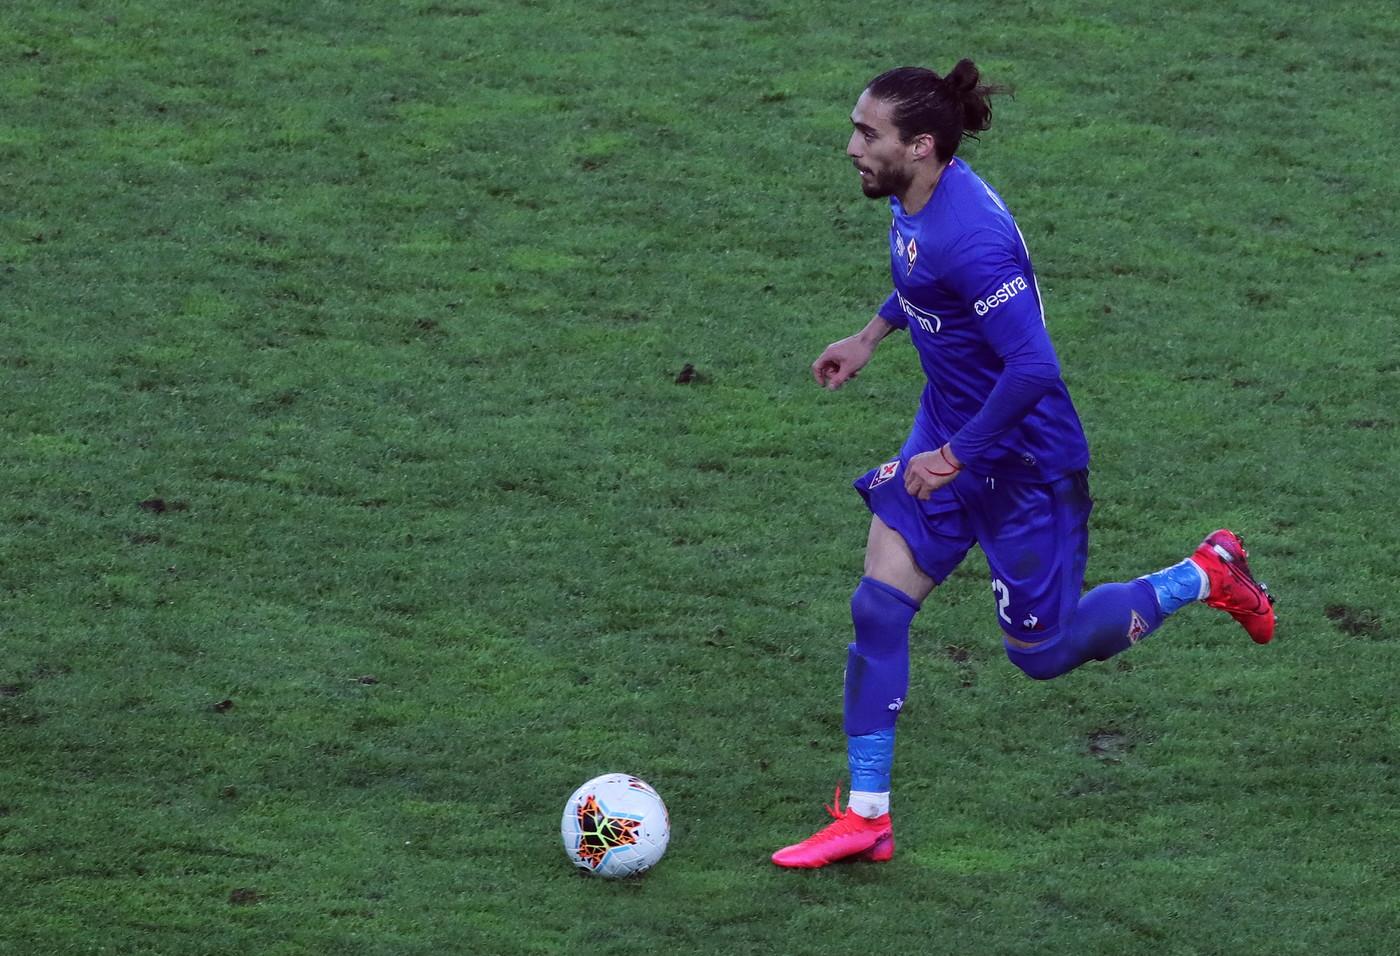 Fiorentina: Caceres, Thereau